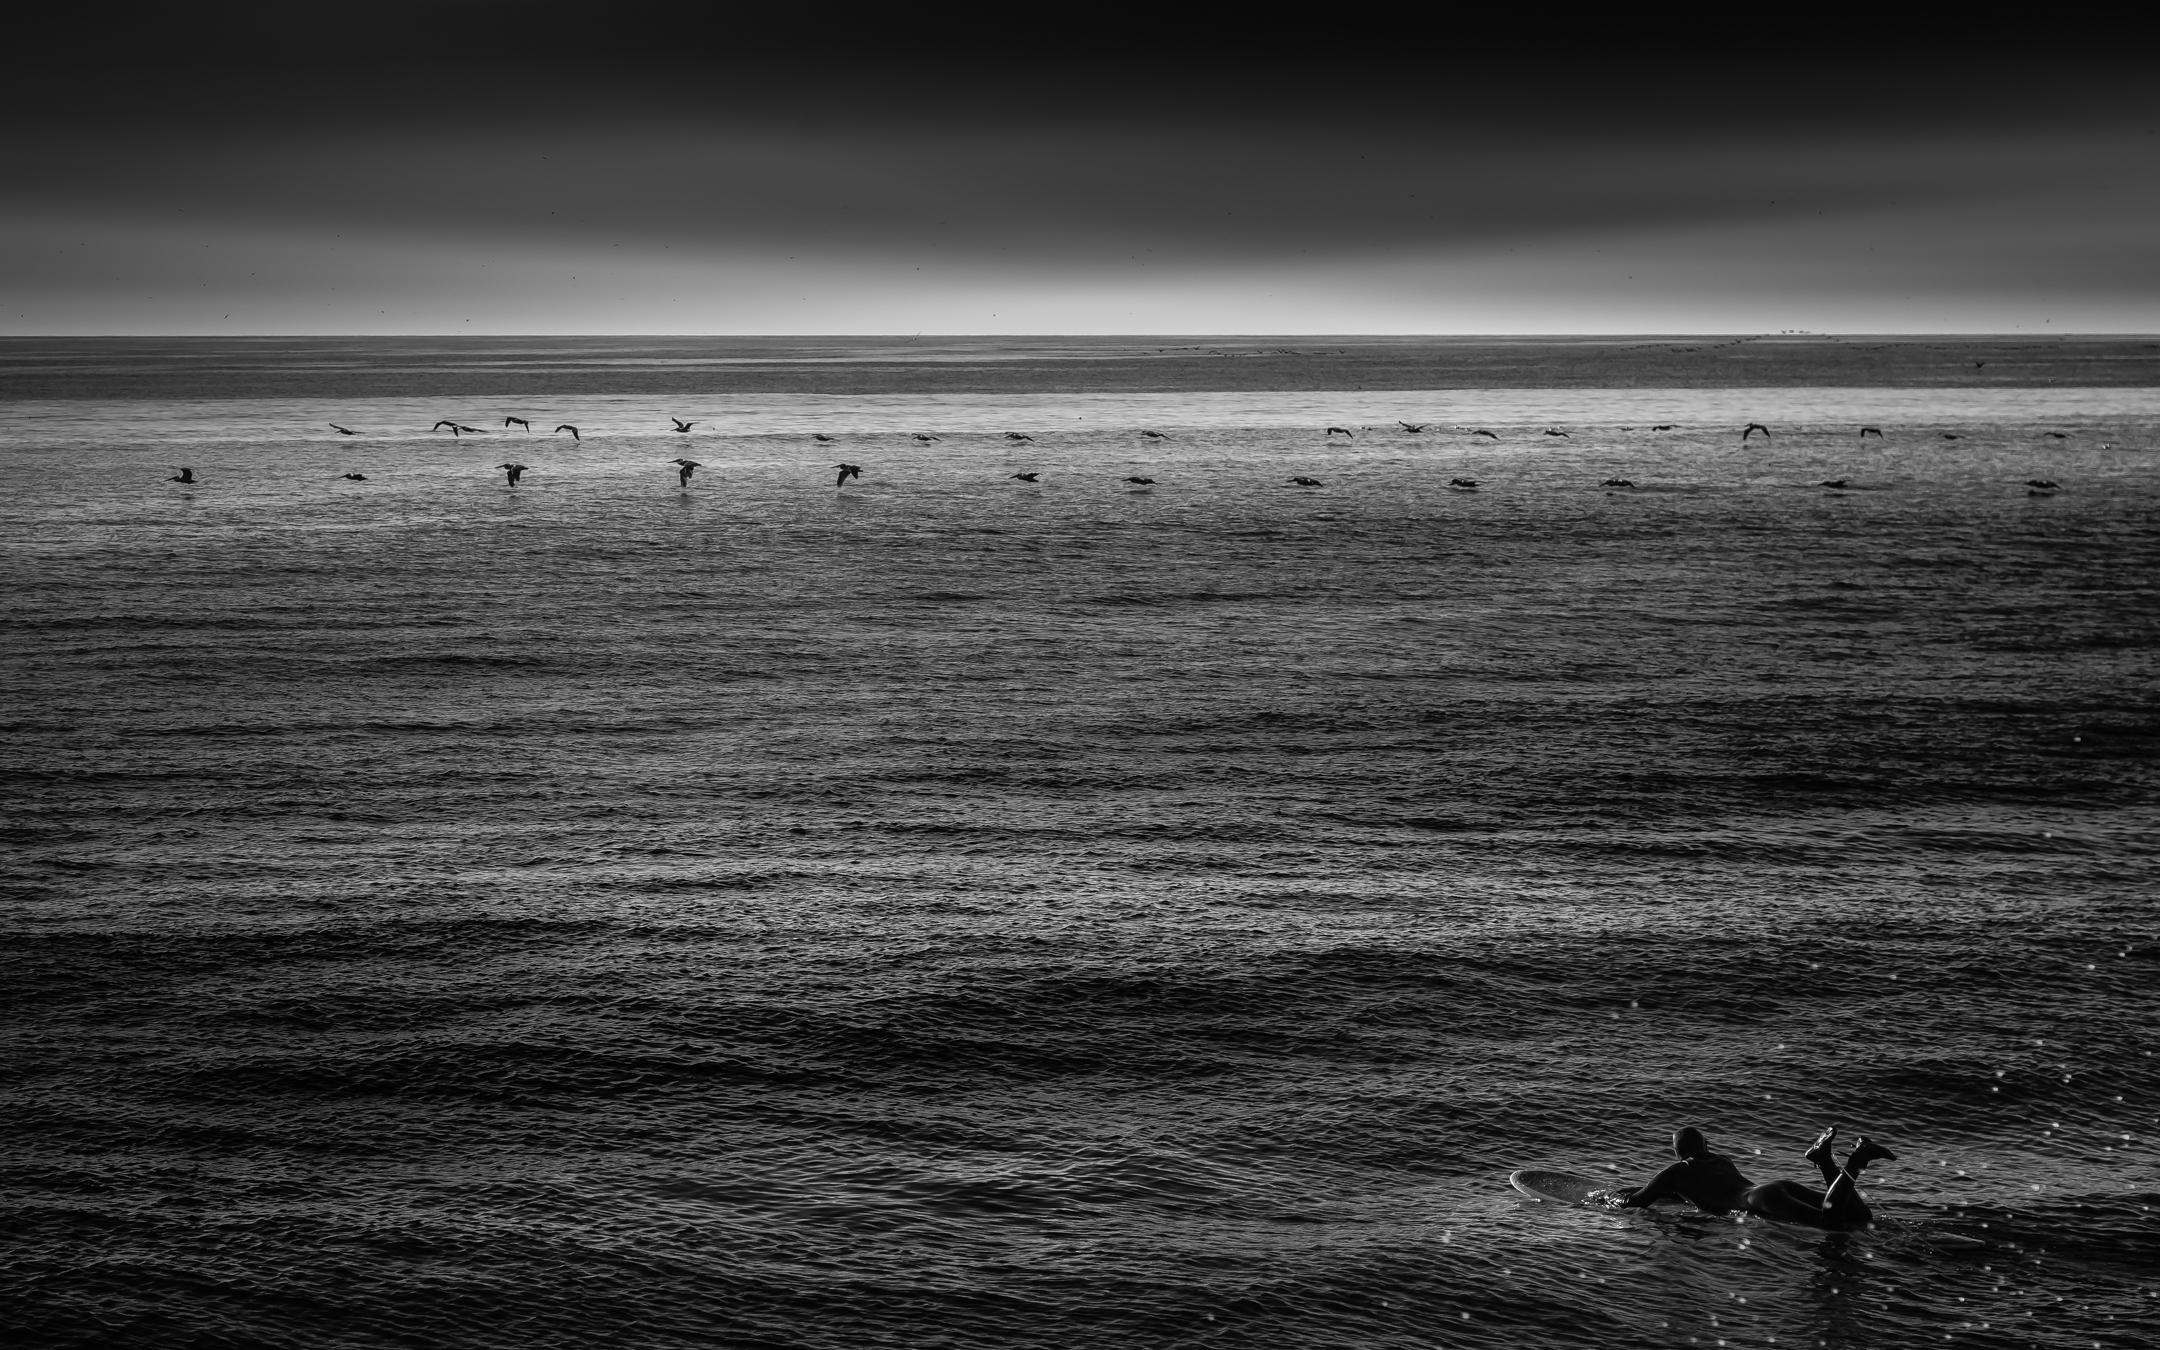 Scotts Creak Beach California